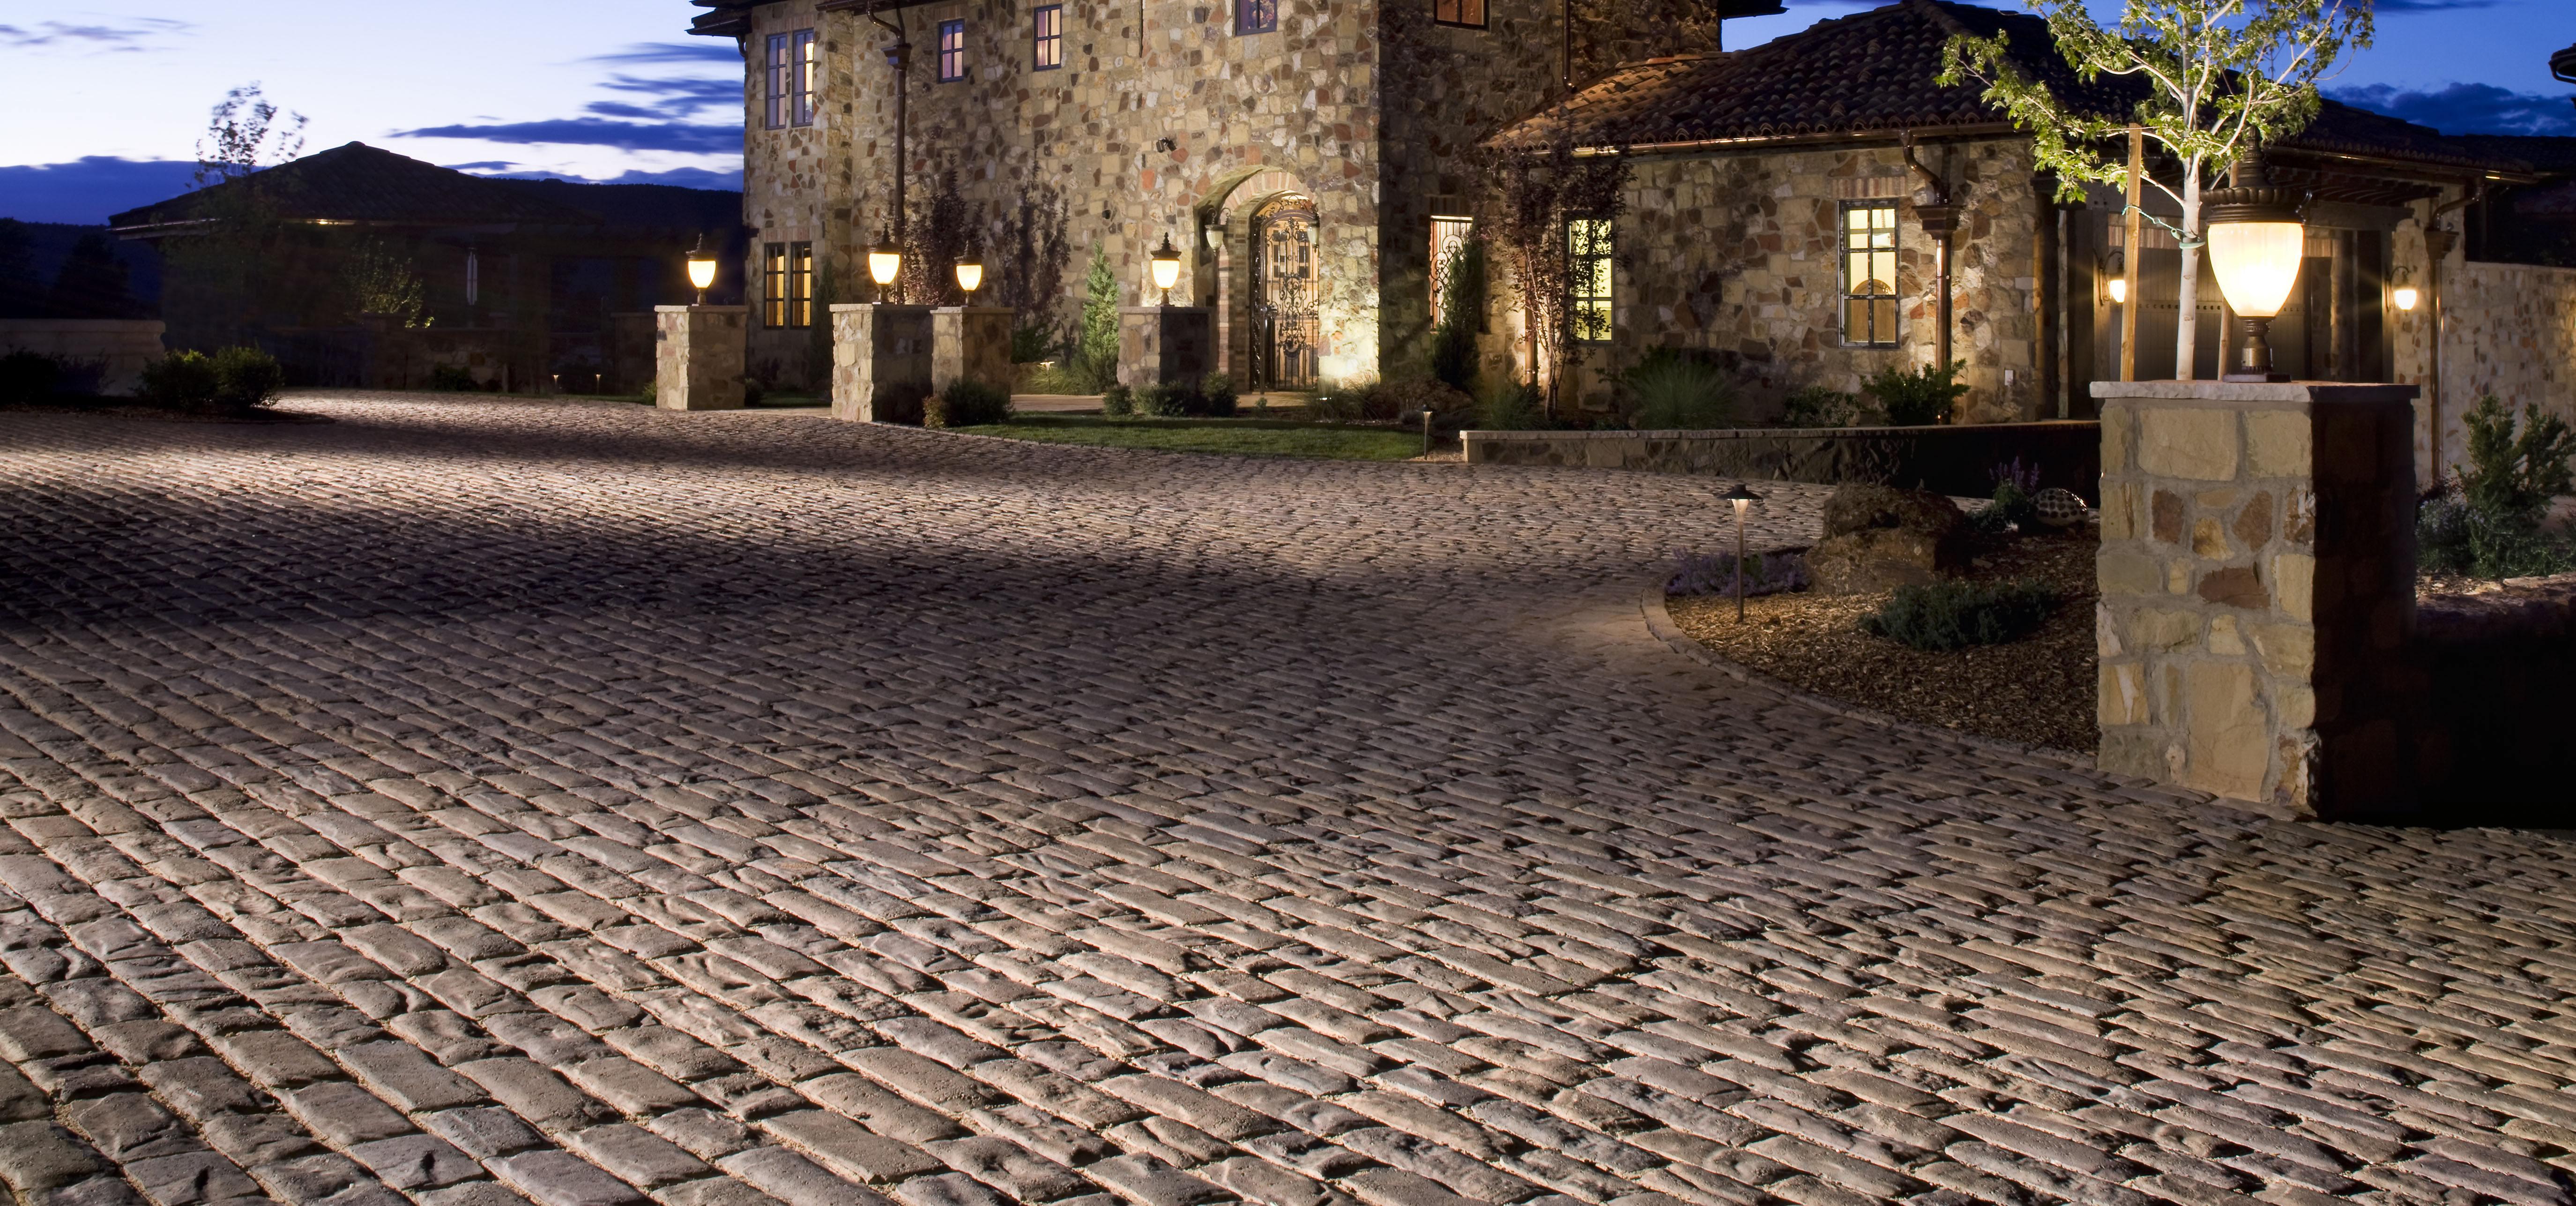 Stone & Concrete Driveway Pavers